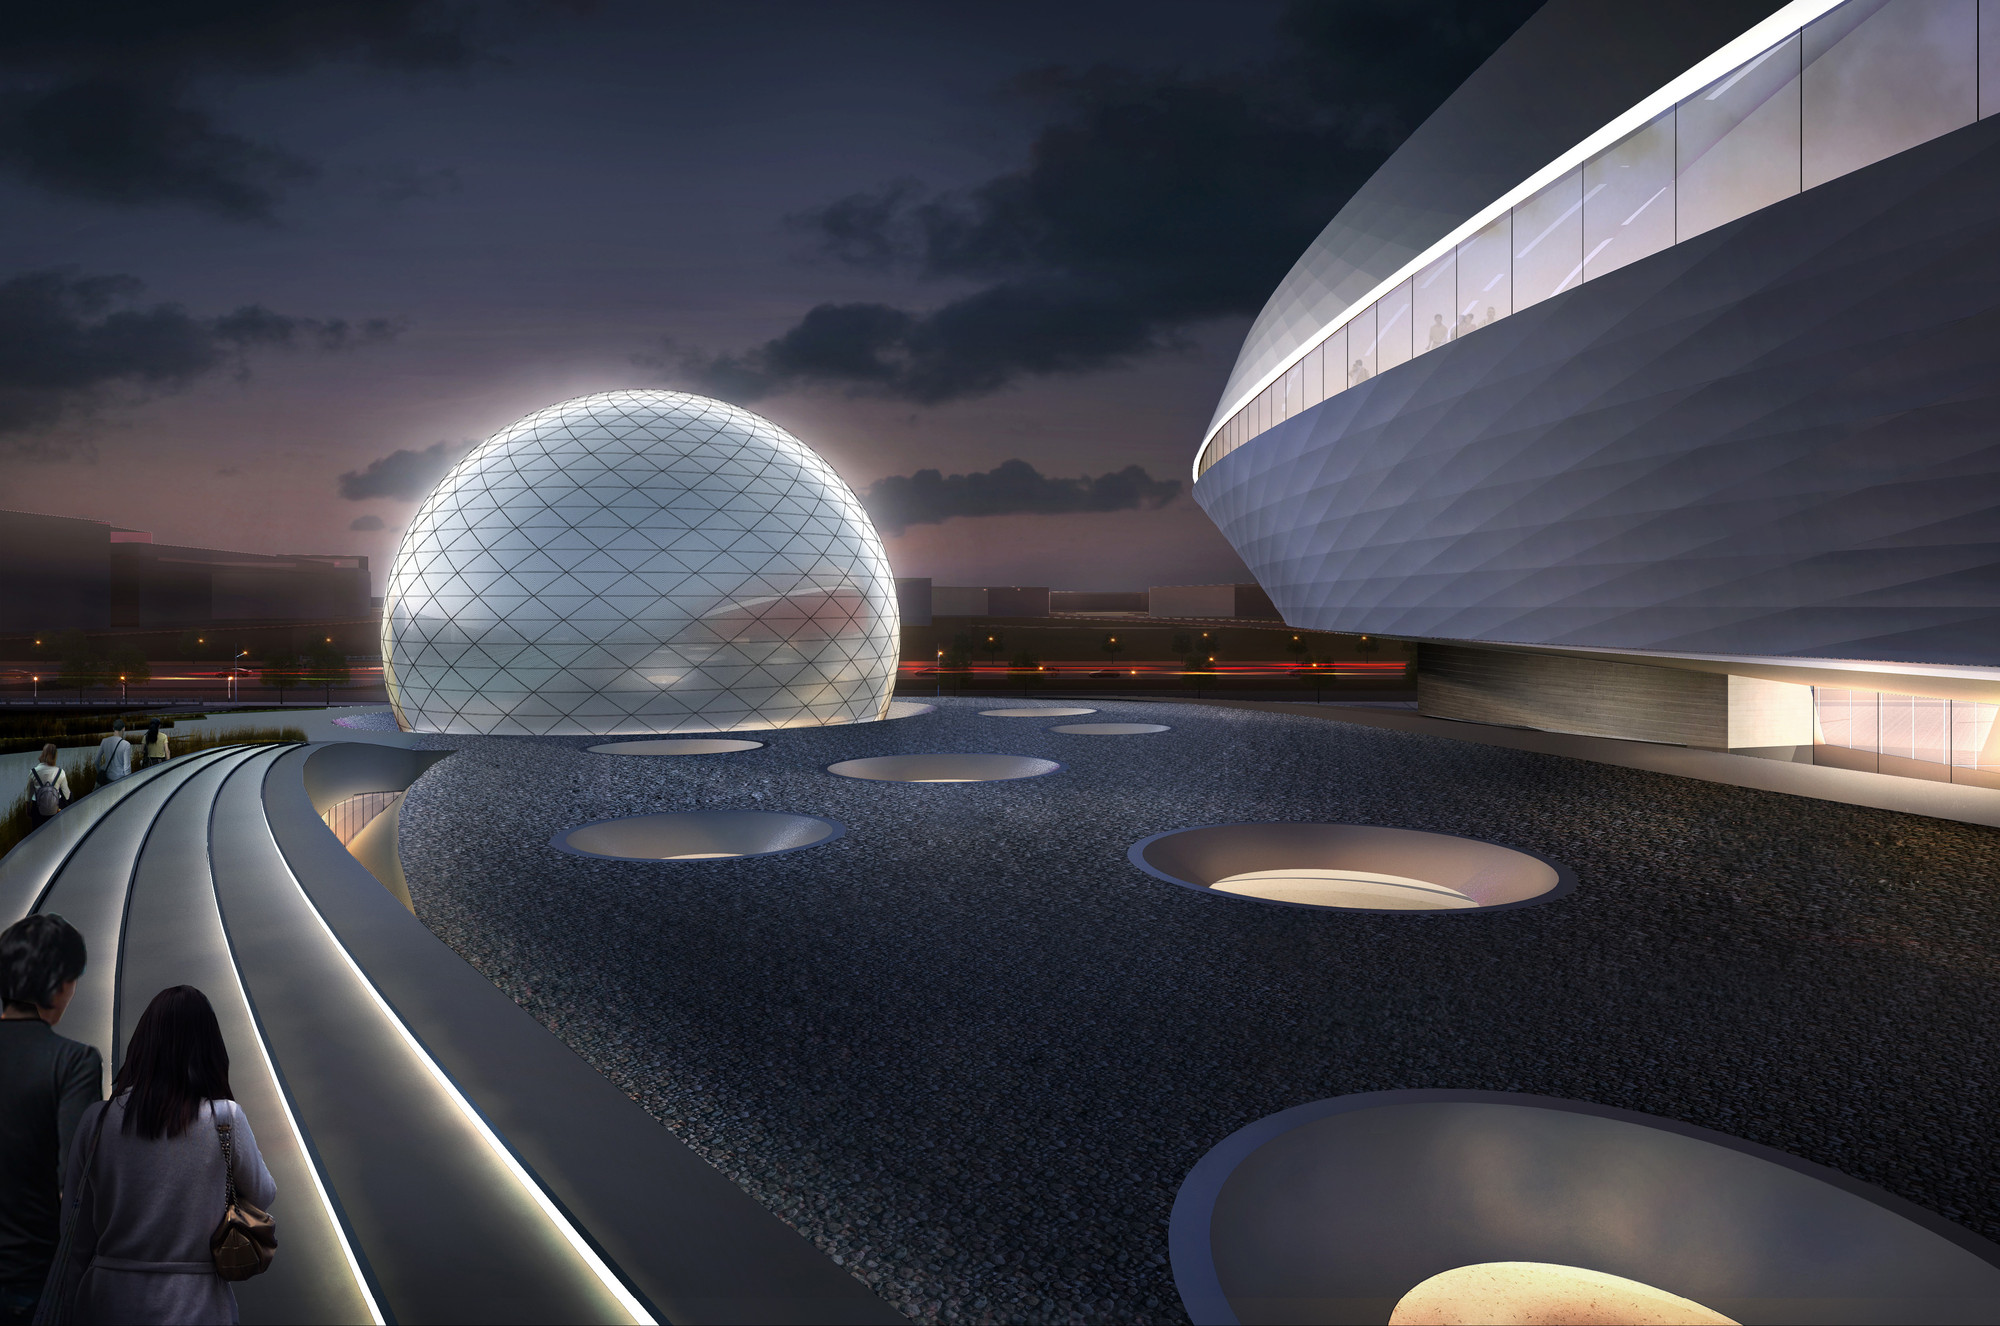 Ennead Tapped to Design Shanghai Planetarium